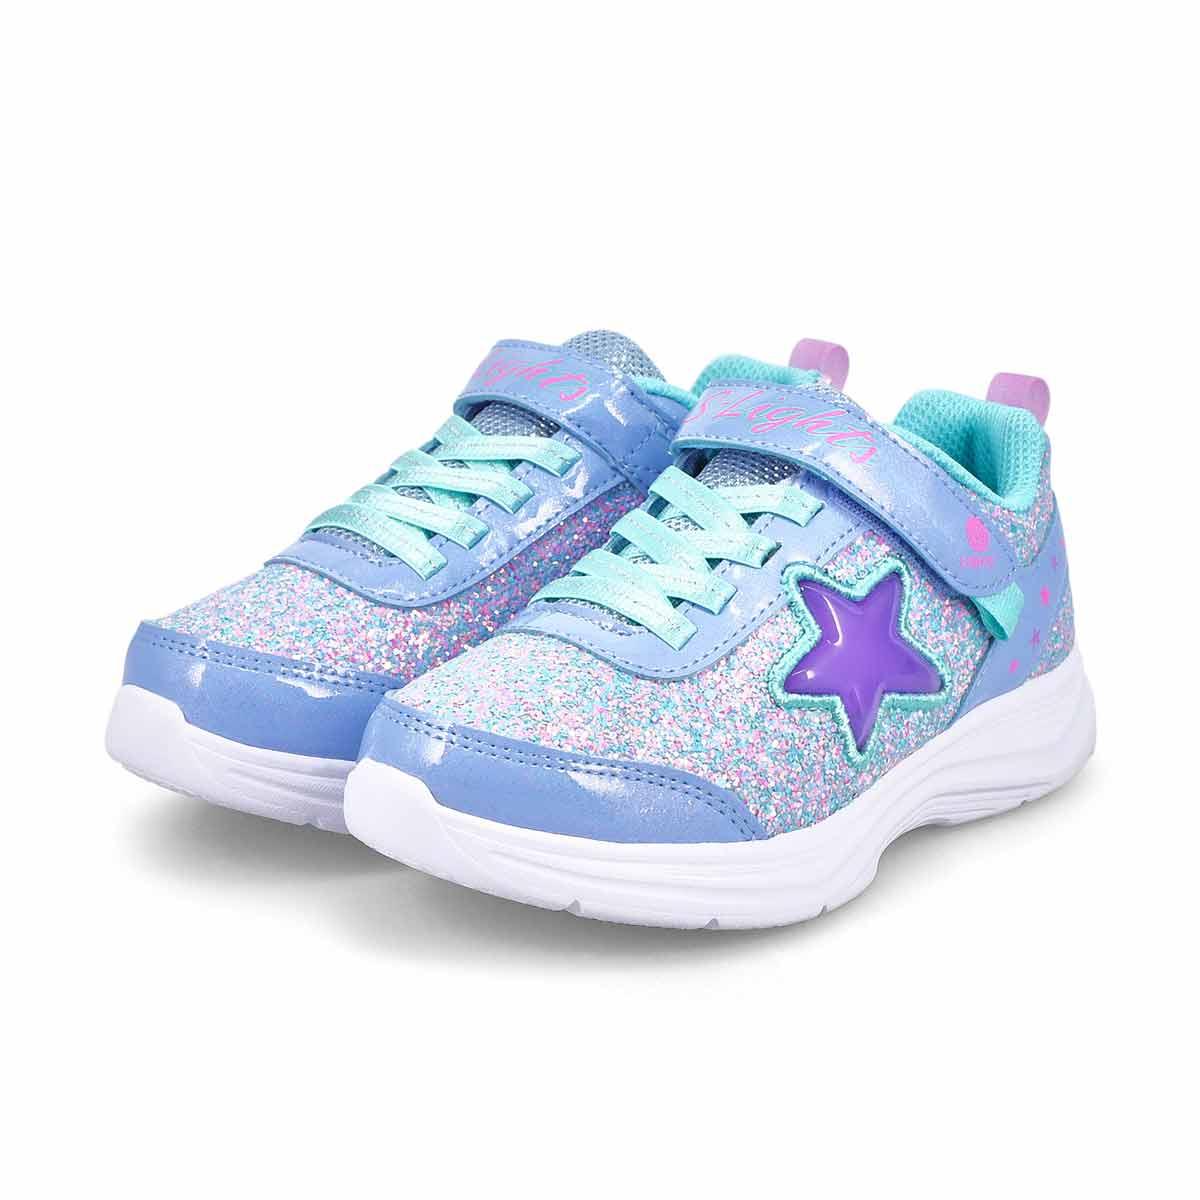 Girls' Glimmer Kicks Lighted Sneaker -Lavender/Aqu